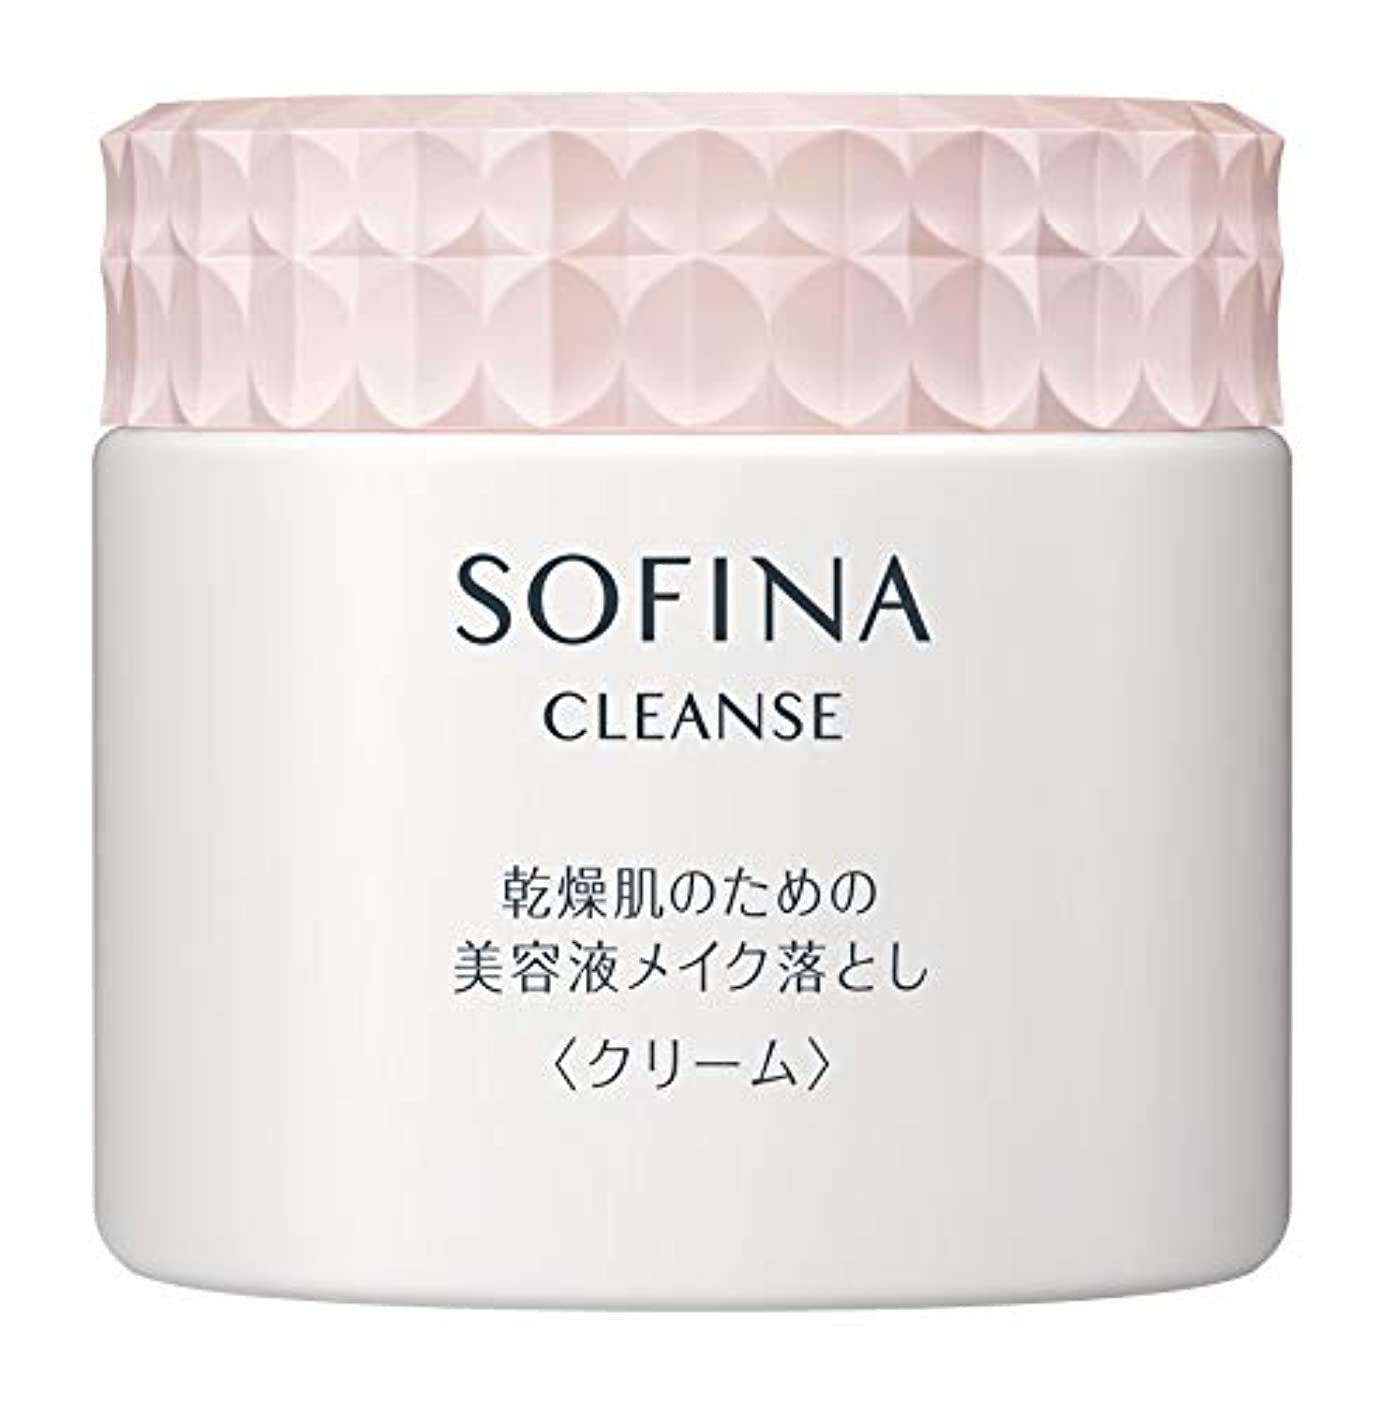 駐地の面では咲くソフィーナ 乾燥肌のための美容液メイク落とし クリーム 200g